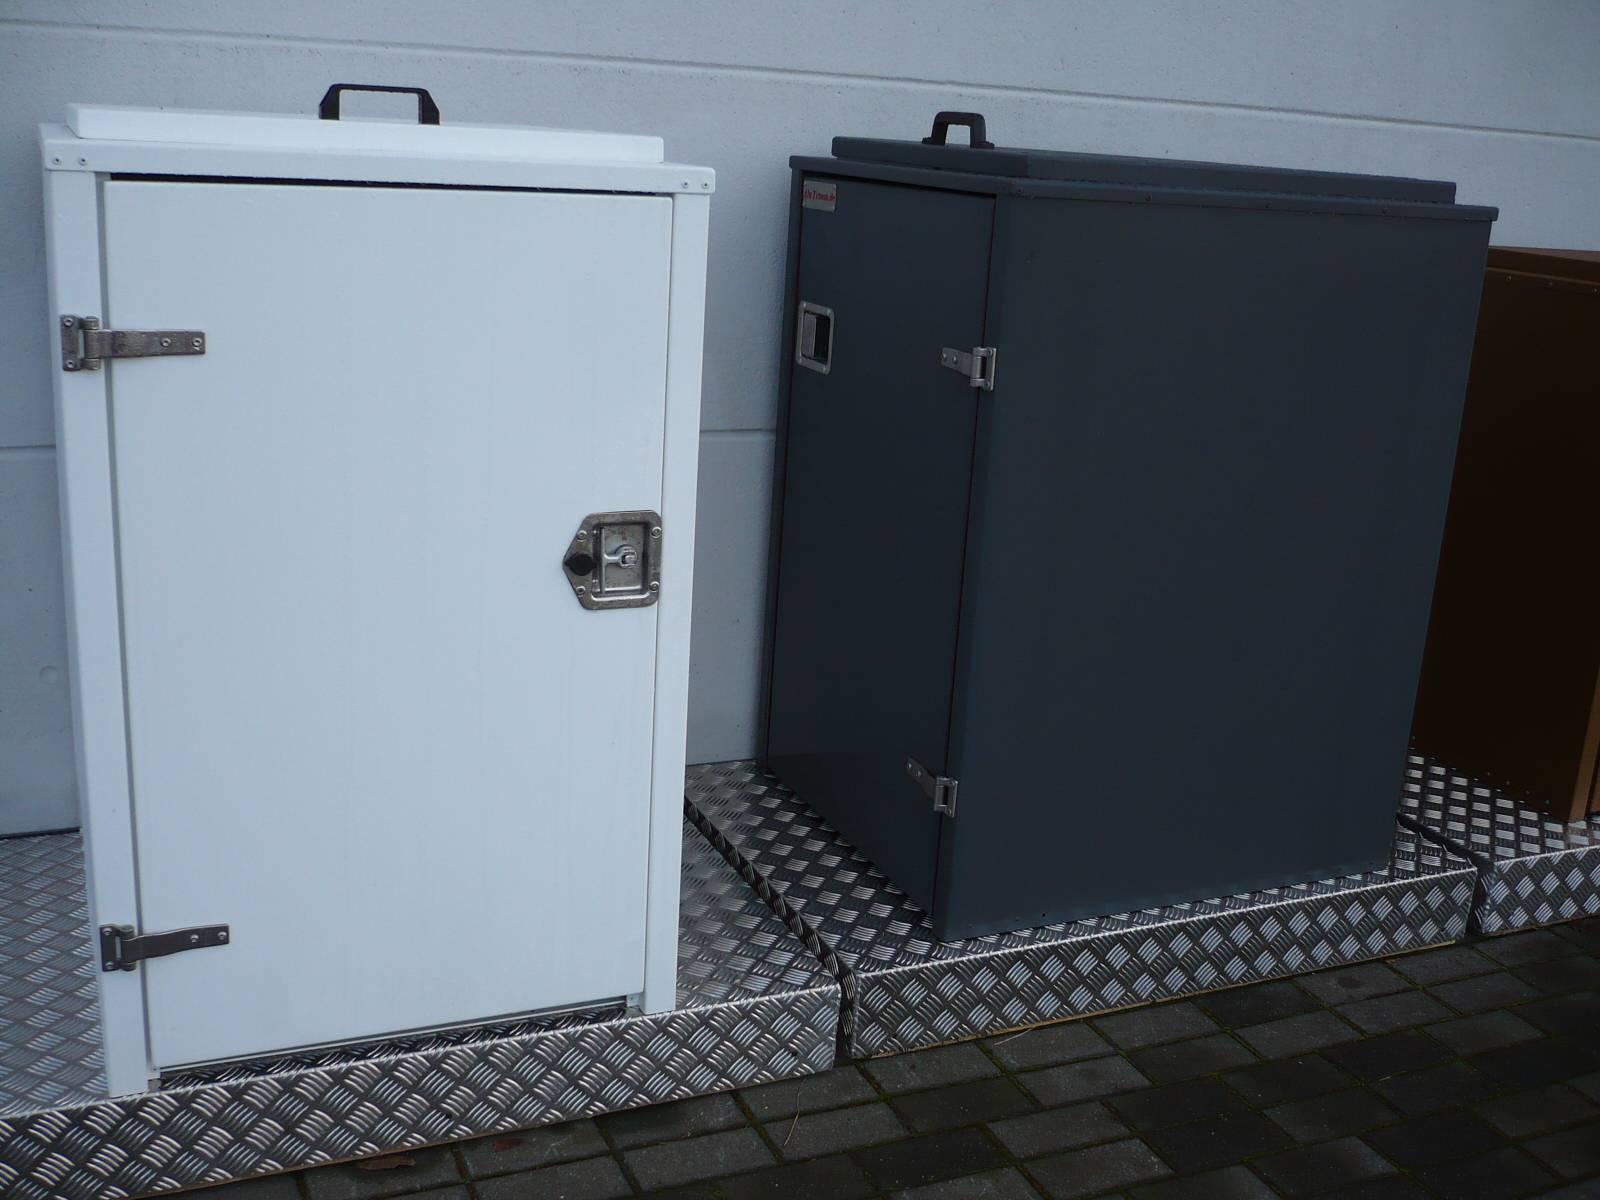 Alutraum_Tonnenbox-3